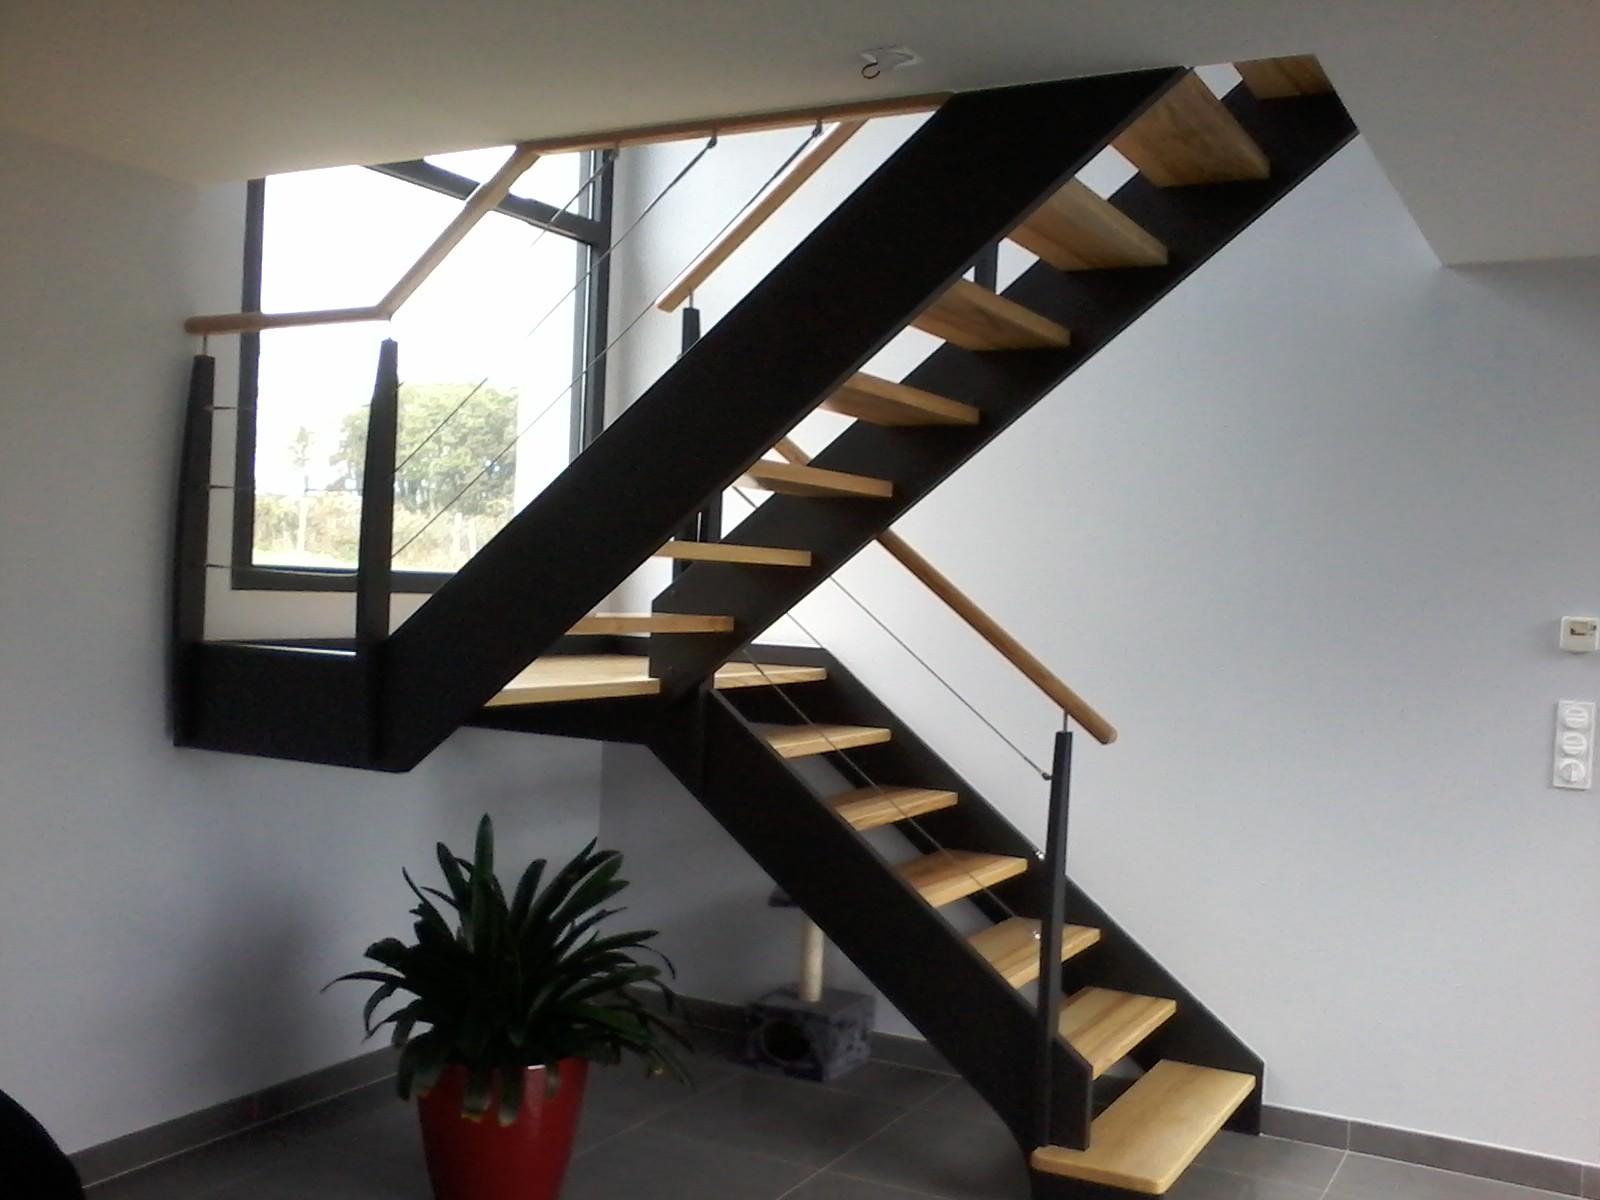 accueil depuis plus de 40 ans l 39 entreprise glotin est sp cialis e dans la fabrication et la. Black Bedroom Furniture Sets. Home Design Ideas